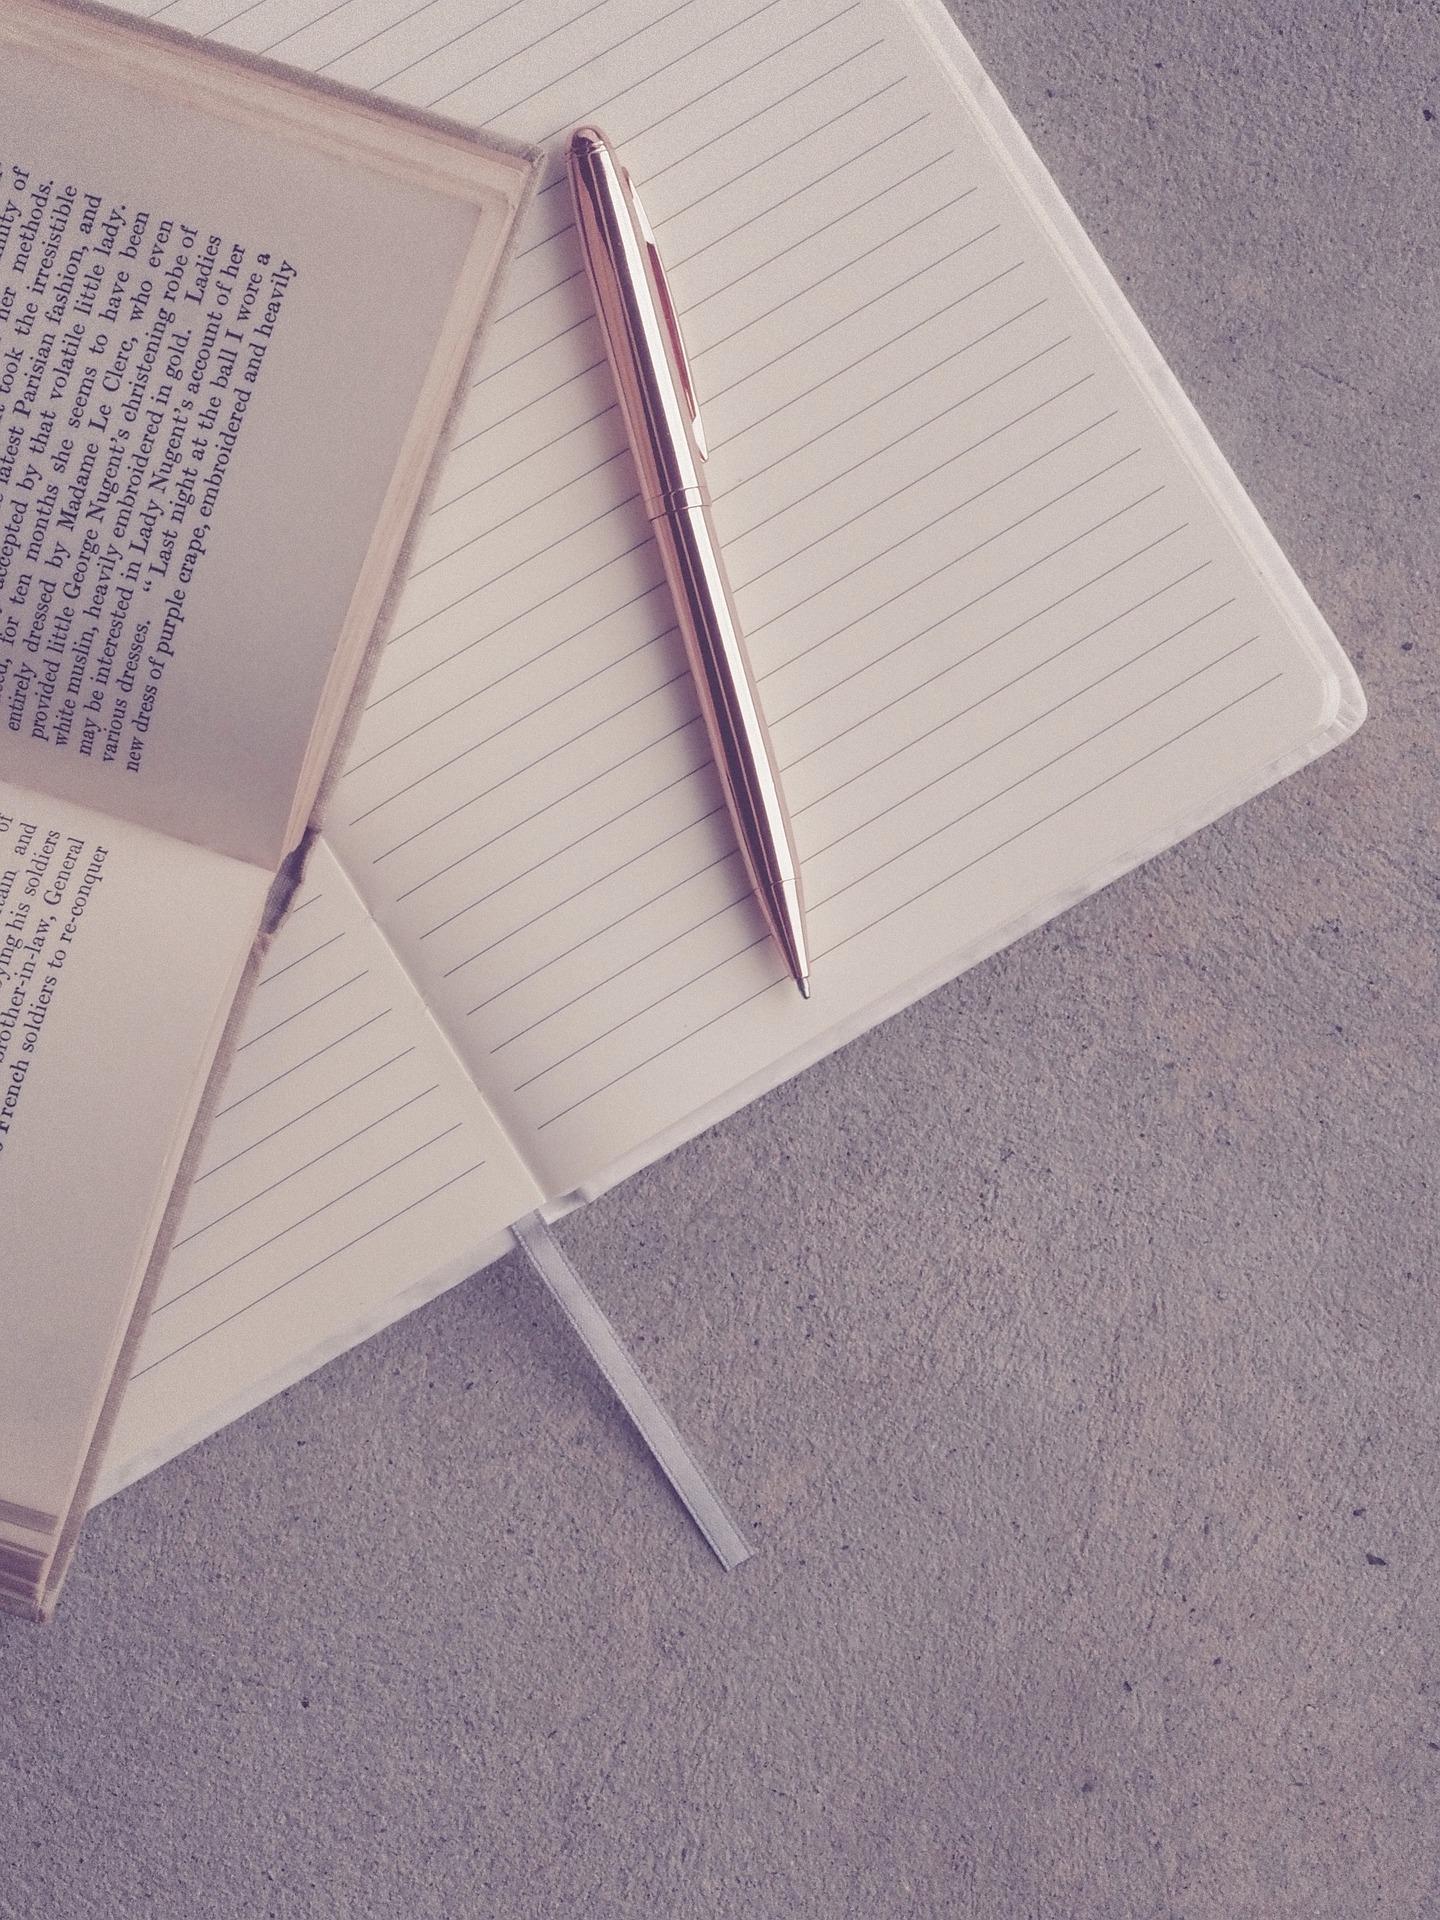 嫌なことを忘れる方法3: 寝る前は、今日よかったことを書き出す